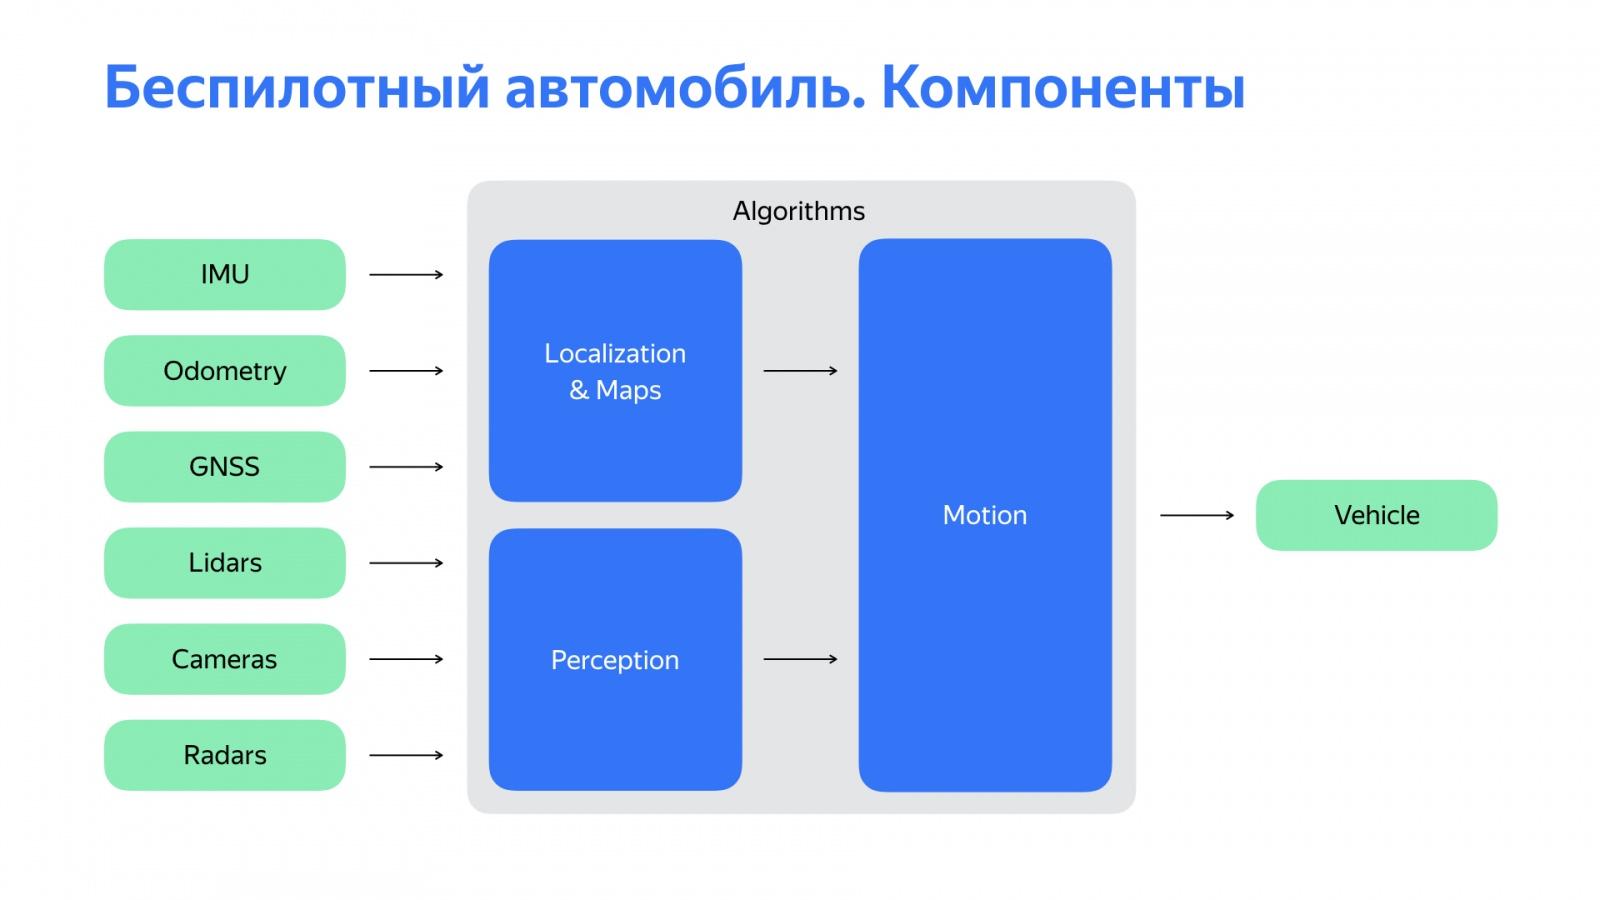 Беспилотный автомобиль: оживляем алгоритмы. Доклад Яндекса - 2